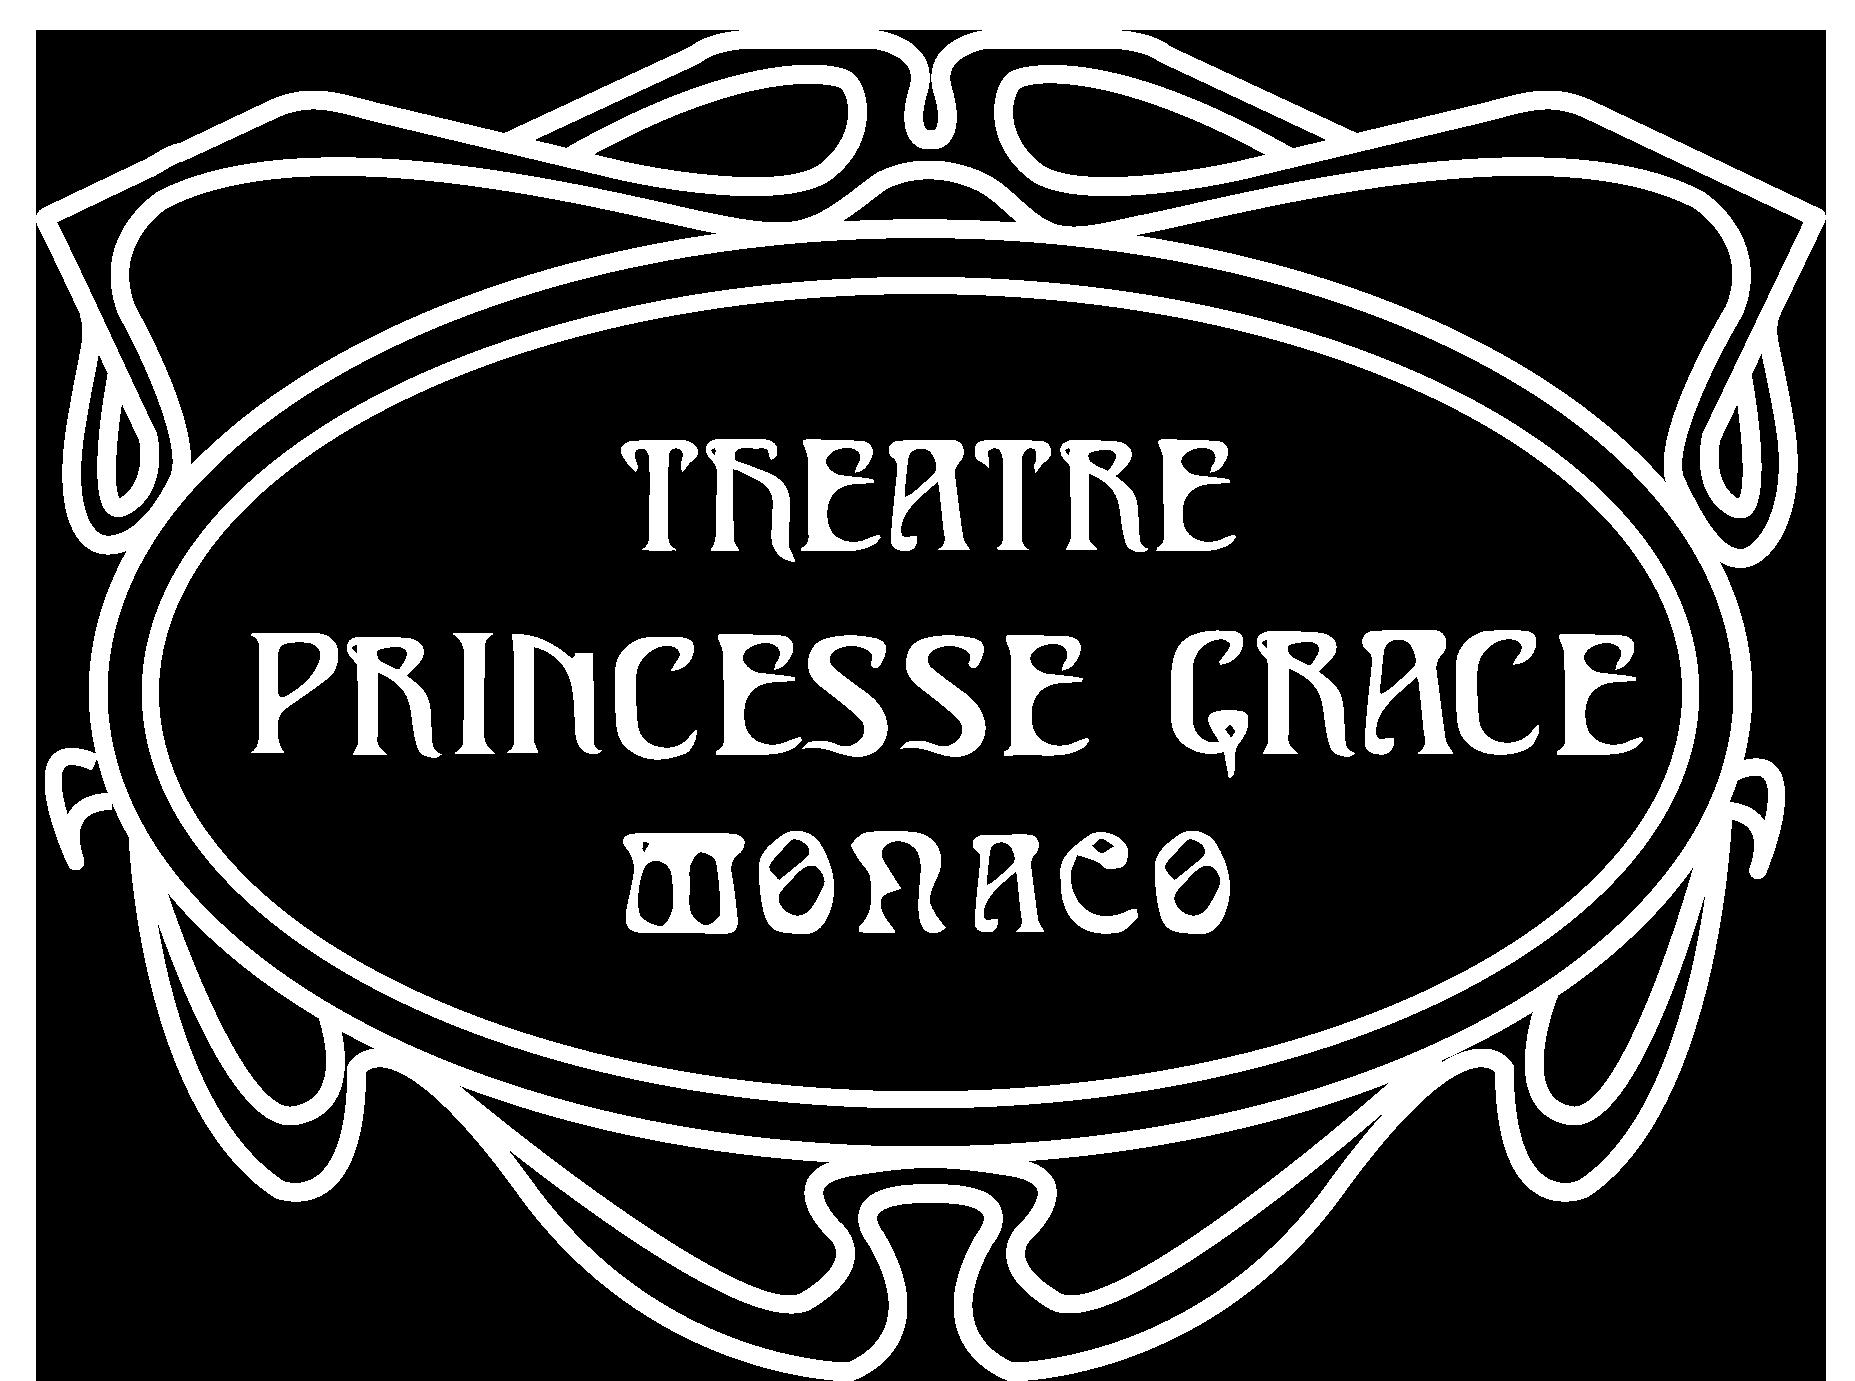 Princesse Grace